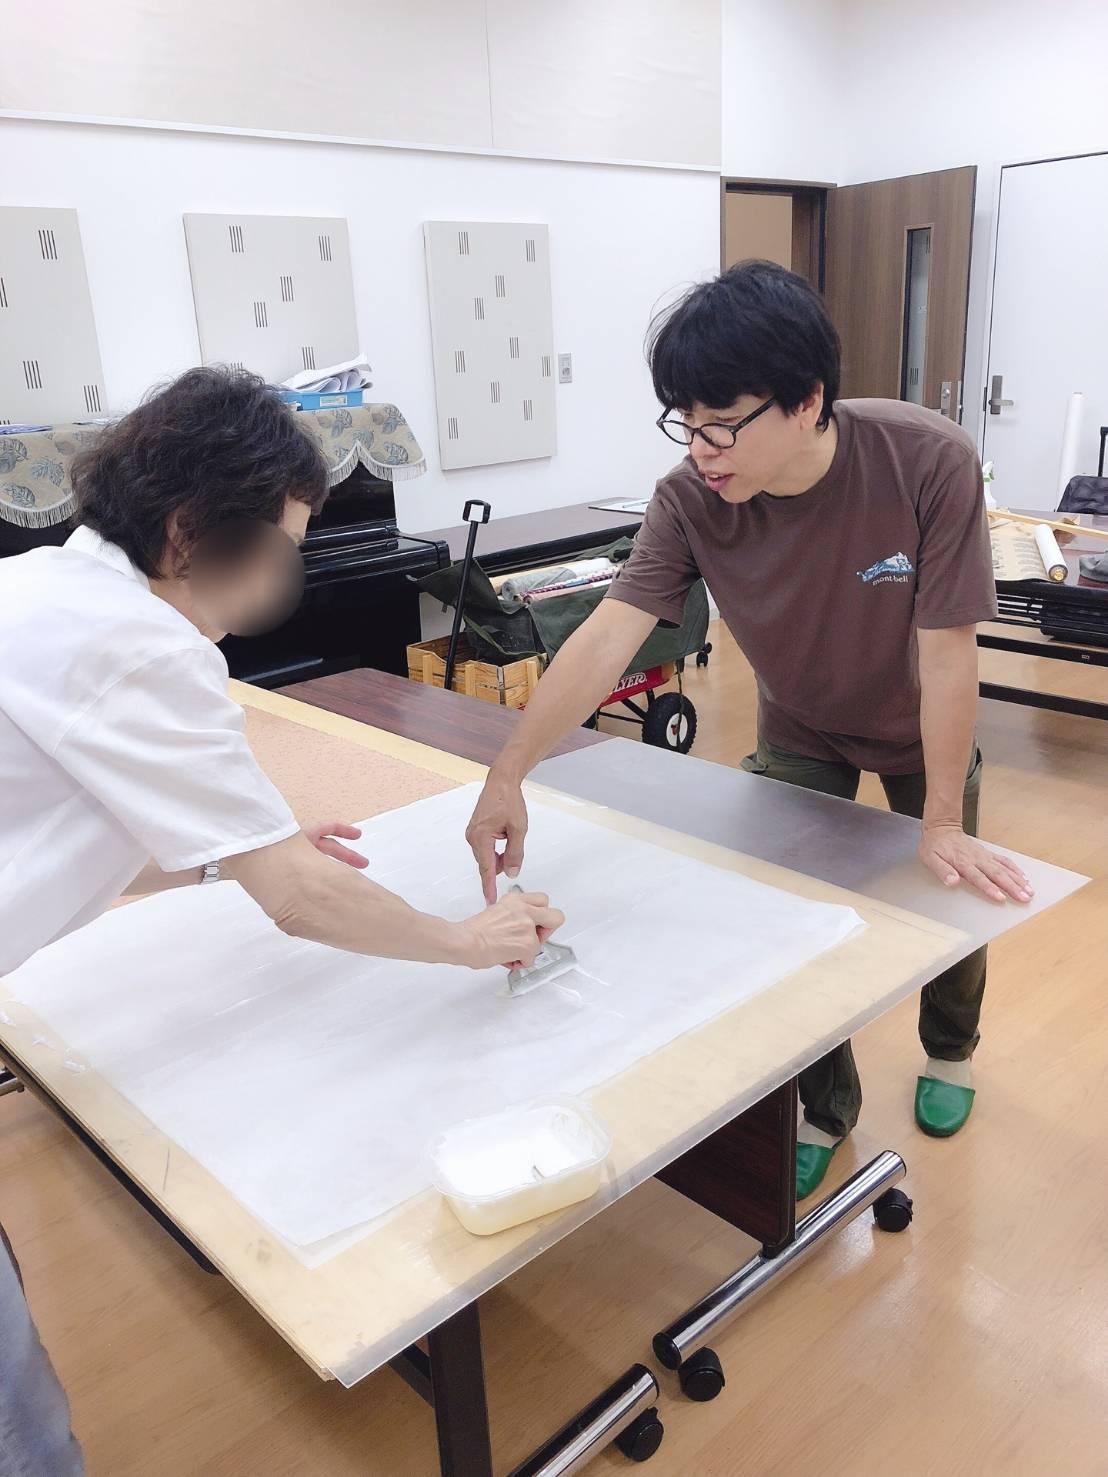 【三木校】体験:楽しい表装セミナー・日曜クラス3DAY体験 20/10/04~20/12/06